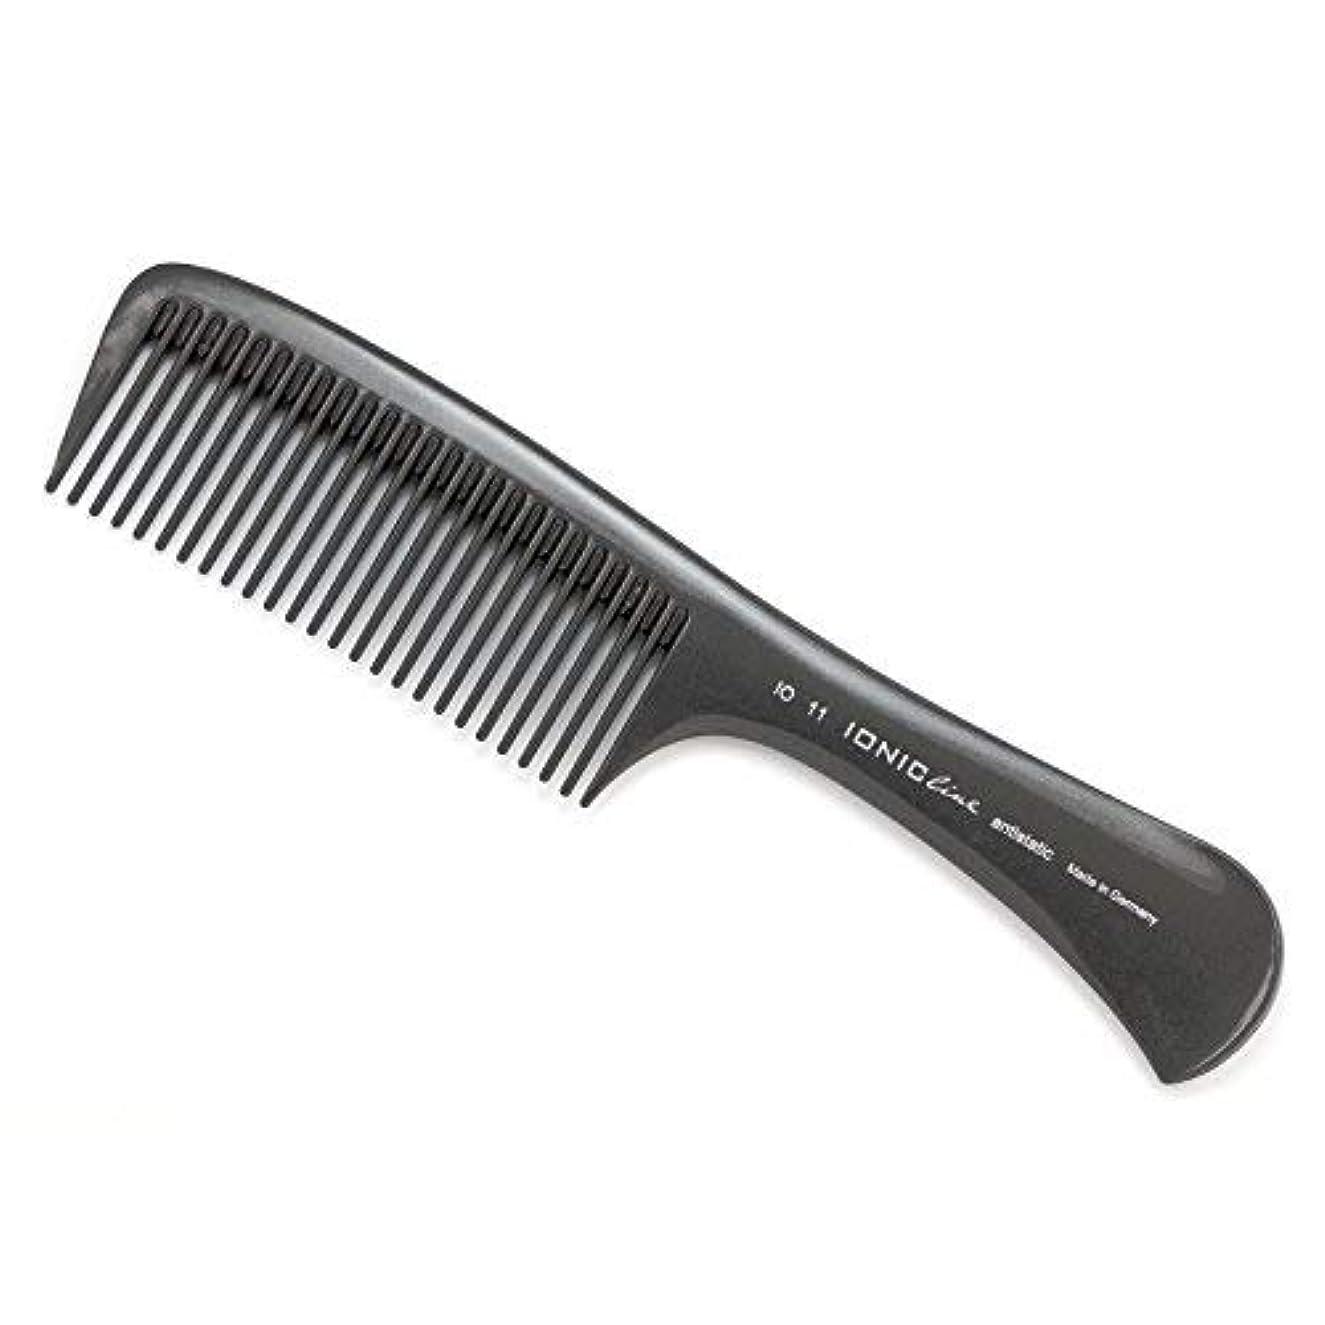 説明的到着する前任者Hercules S?gemann IONIC Line Handle Comb, Big Working Comb | Ionized Thermoplastic - Made in Germany [並行輸入品]